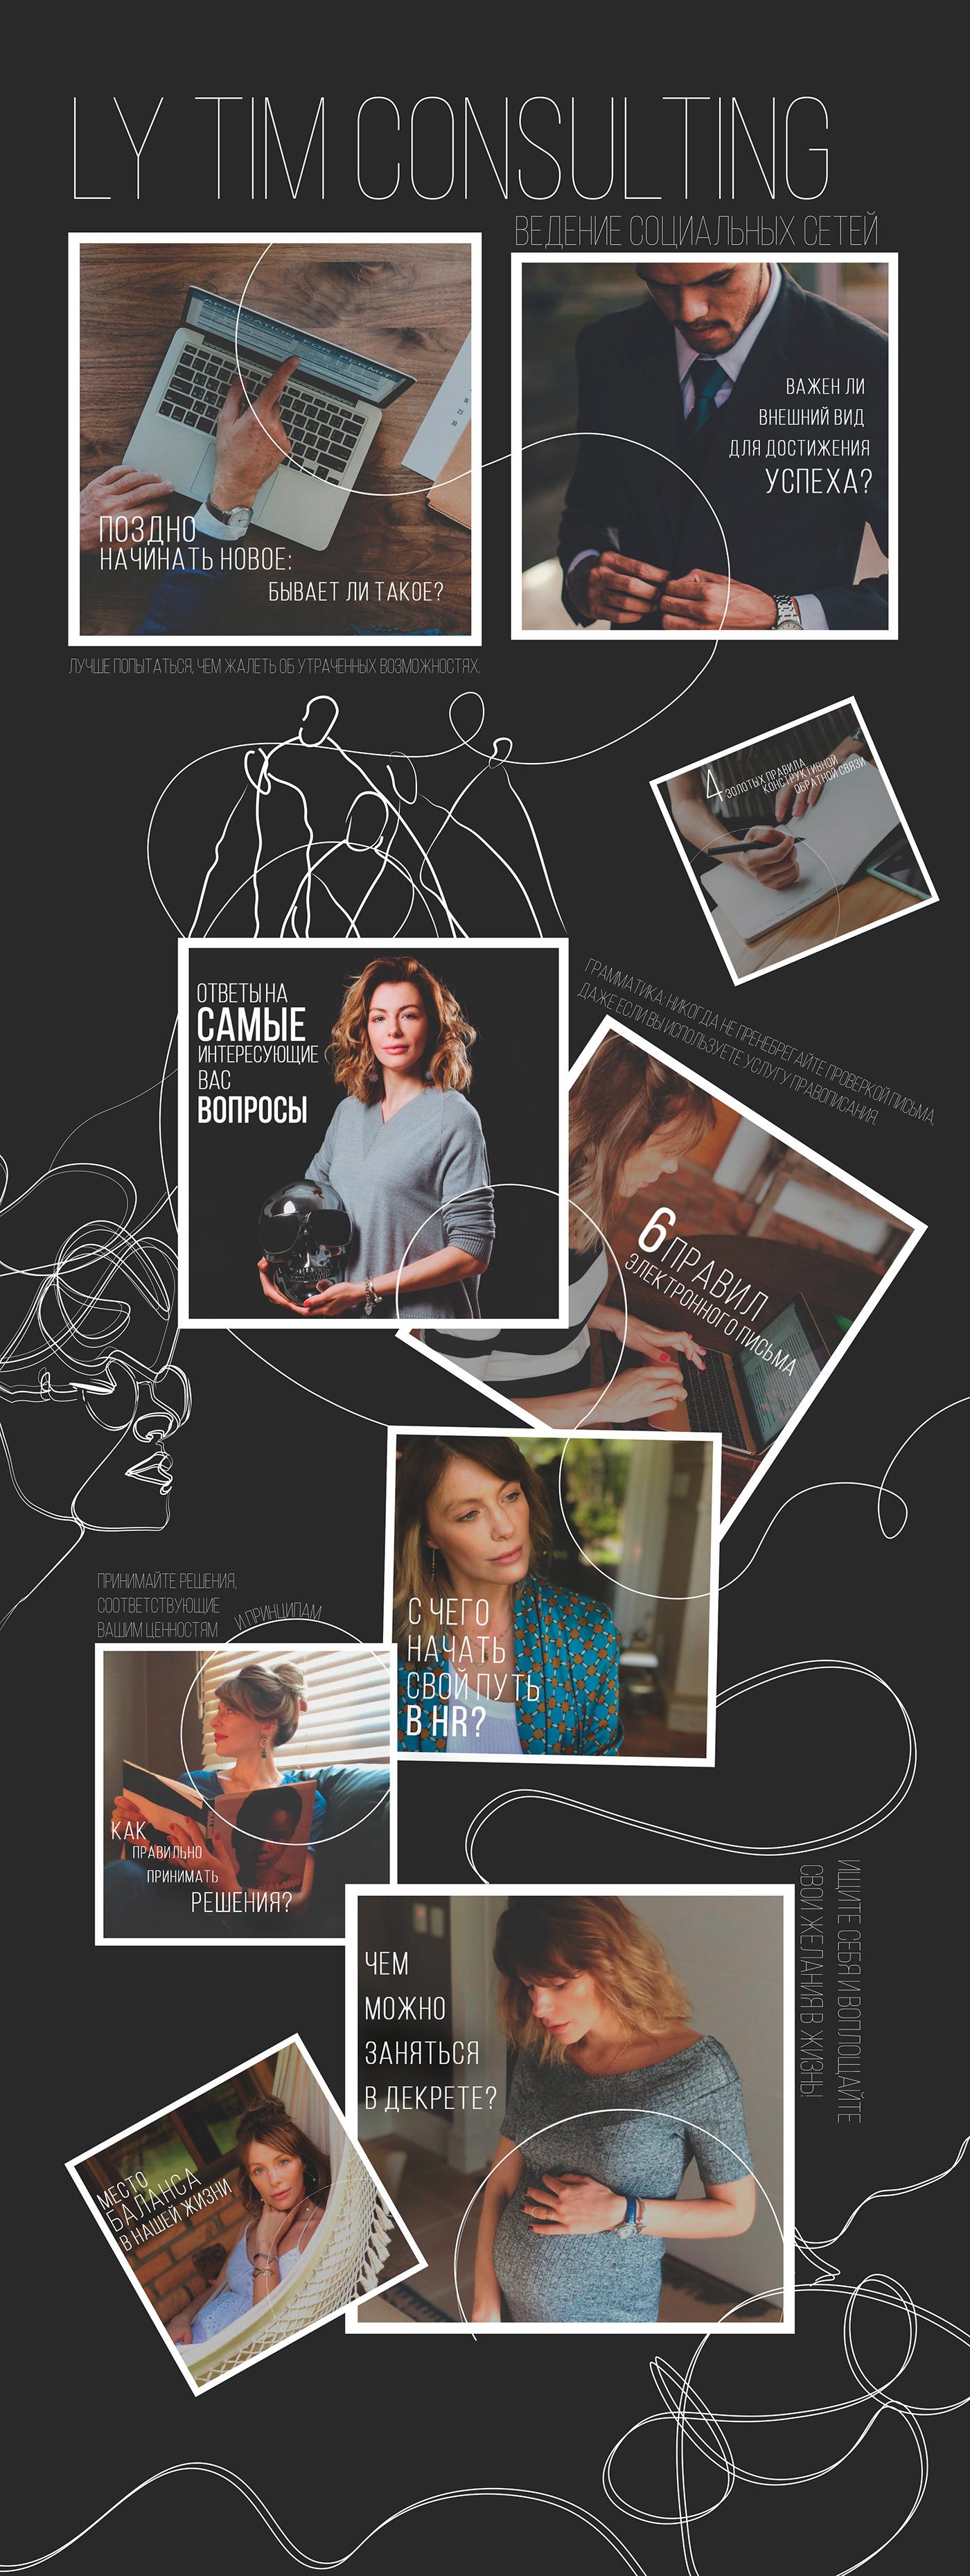 личный бренд SMM социальный сети HR визуализация эксперт